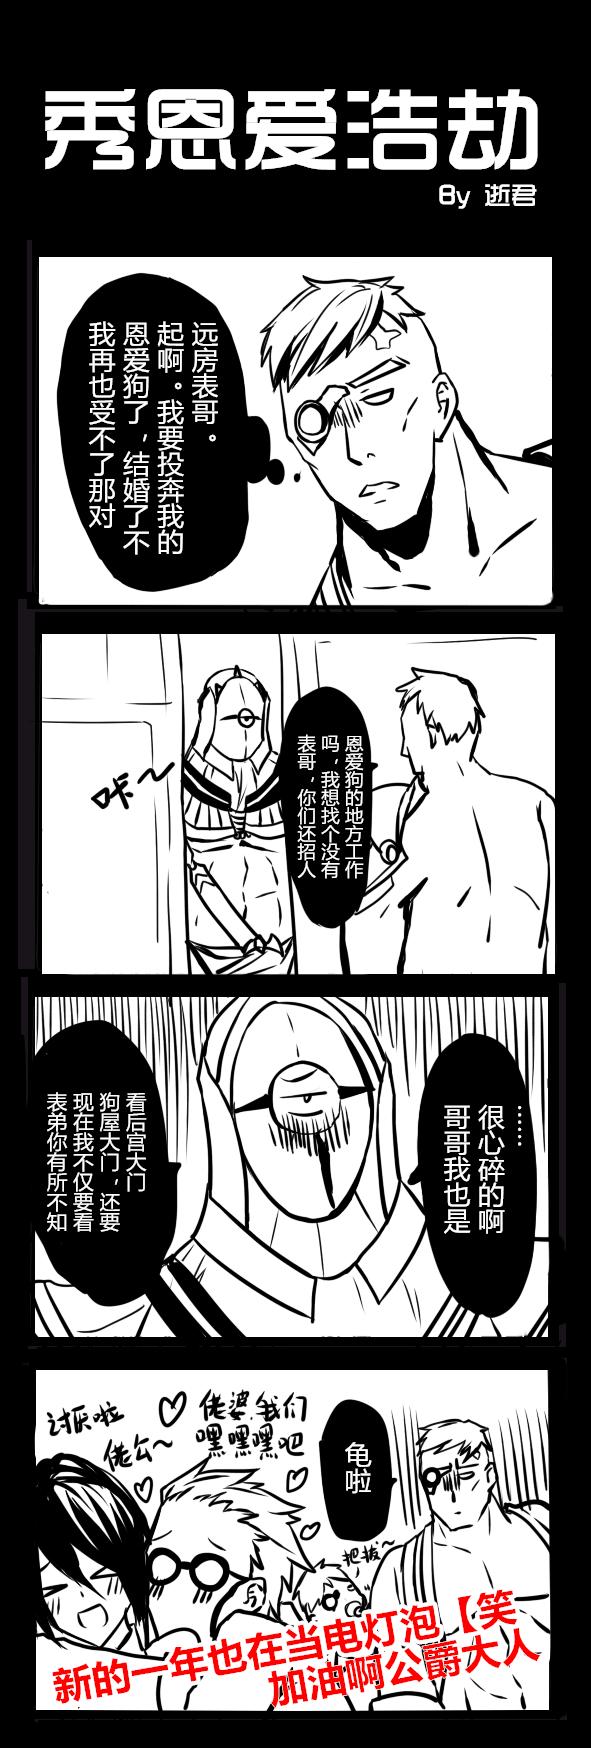 【爱笑编辑部】爱笑小剧场之秀恩爱浩劫